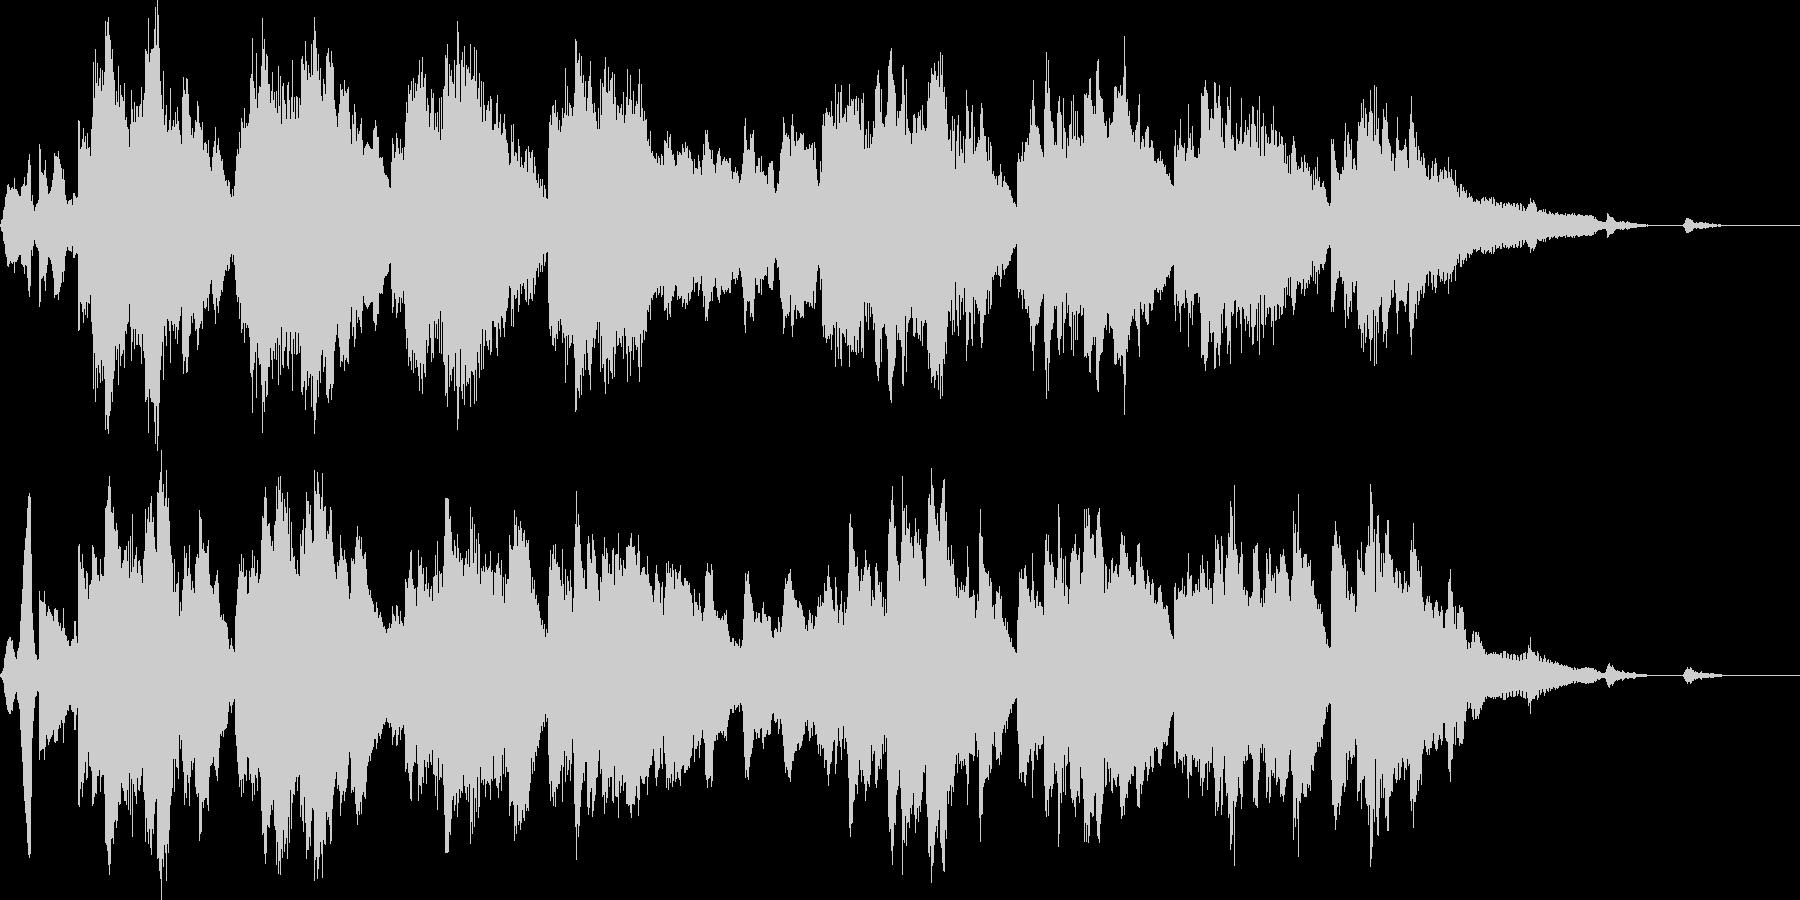 映像作品向け音楽の未再生の波形